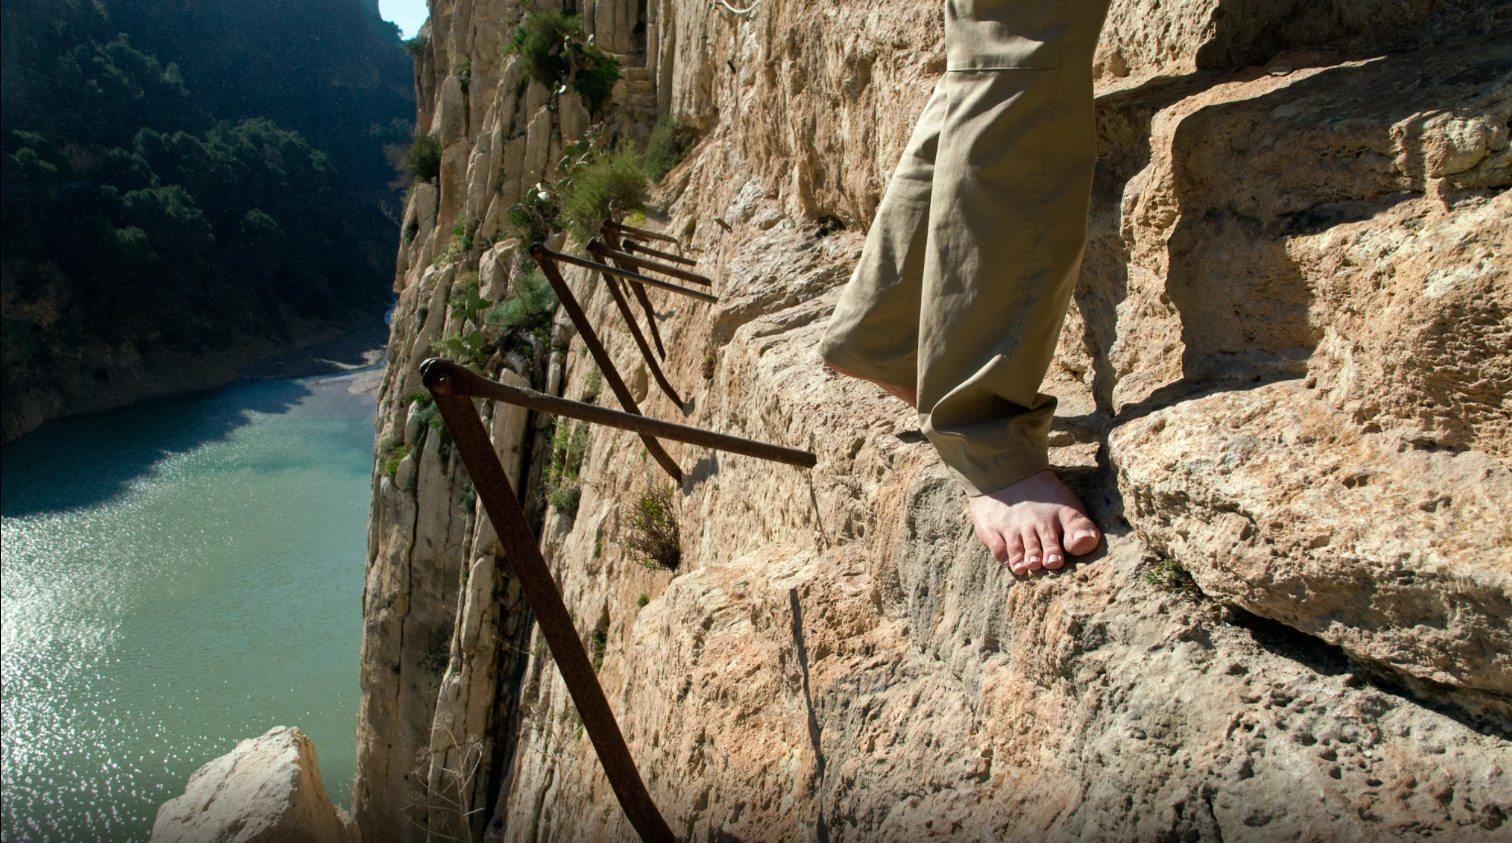 Najtrudniejsze szlaki świata. El Caminito del Rey